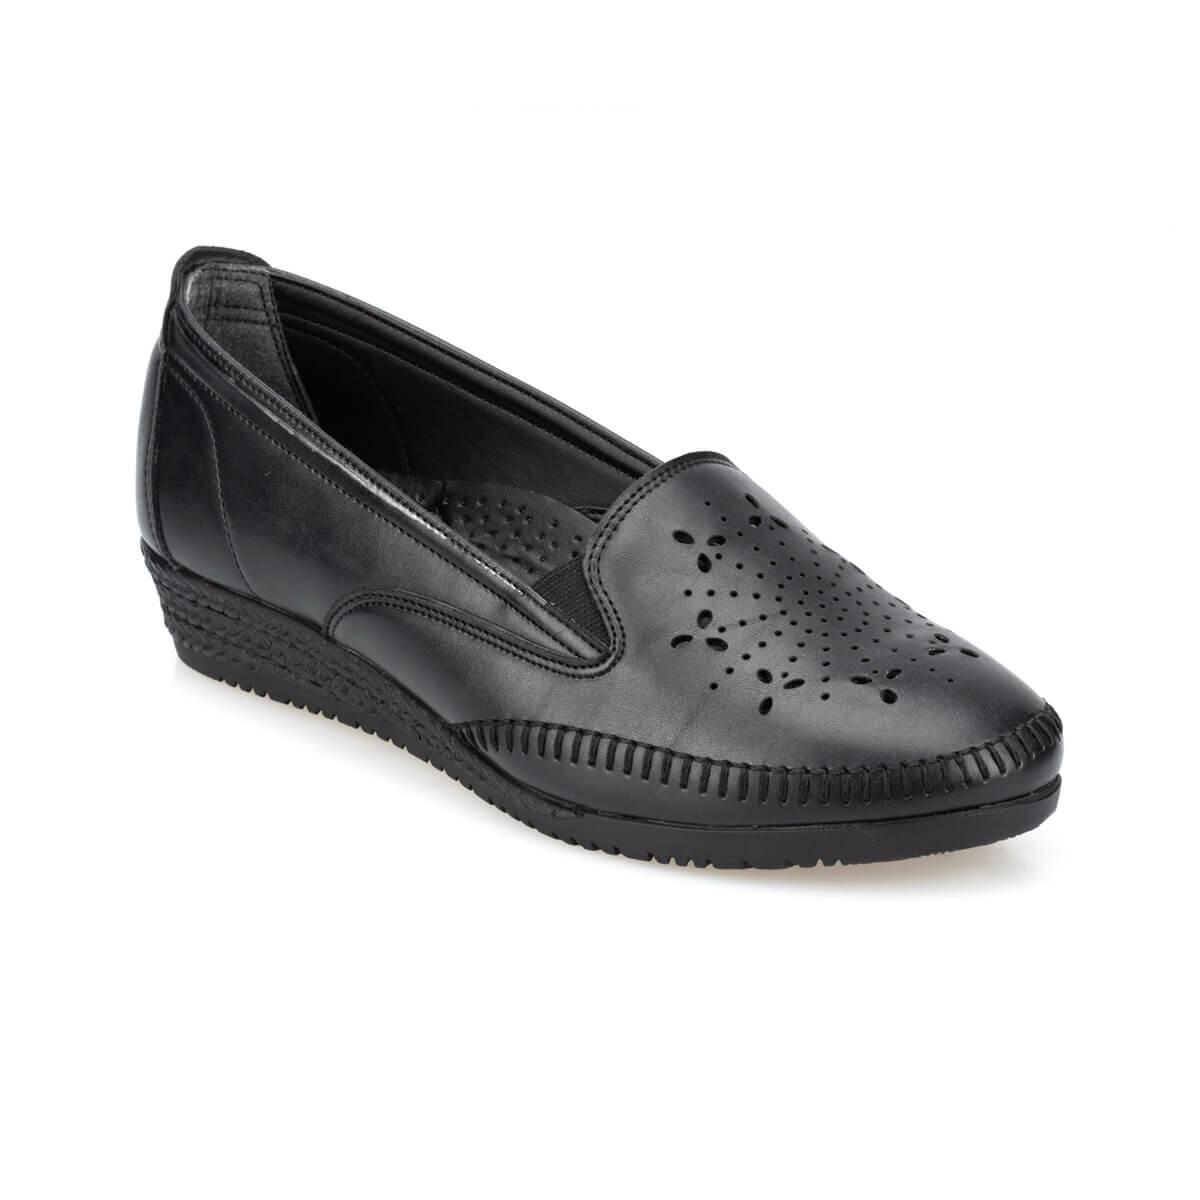 FLO 91. 150703.Z Beige Women 'S Shoes Polaris